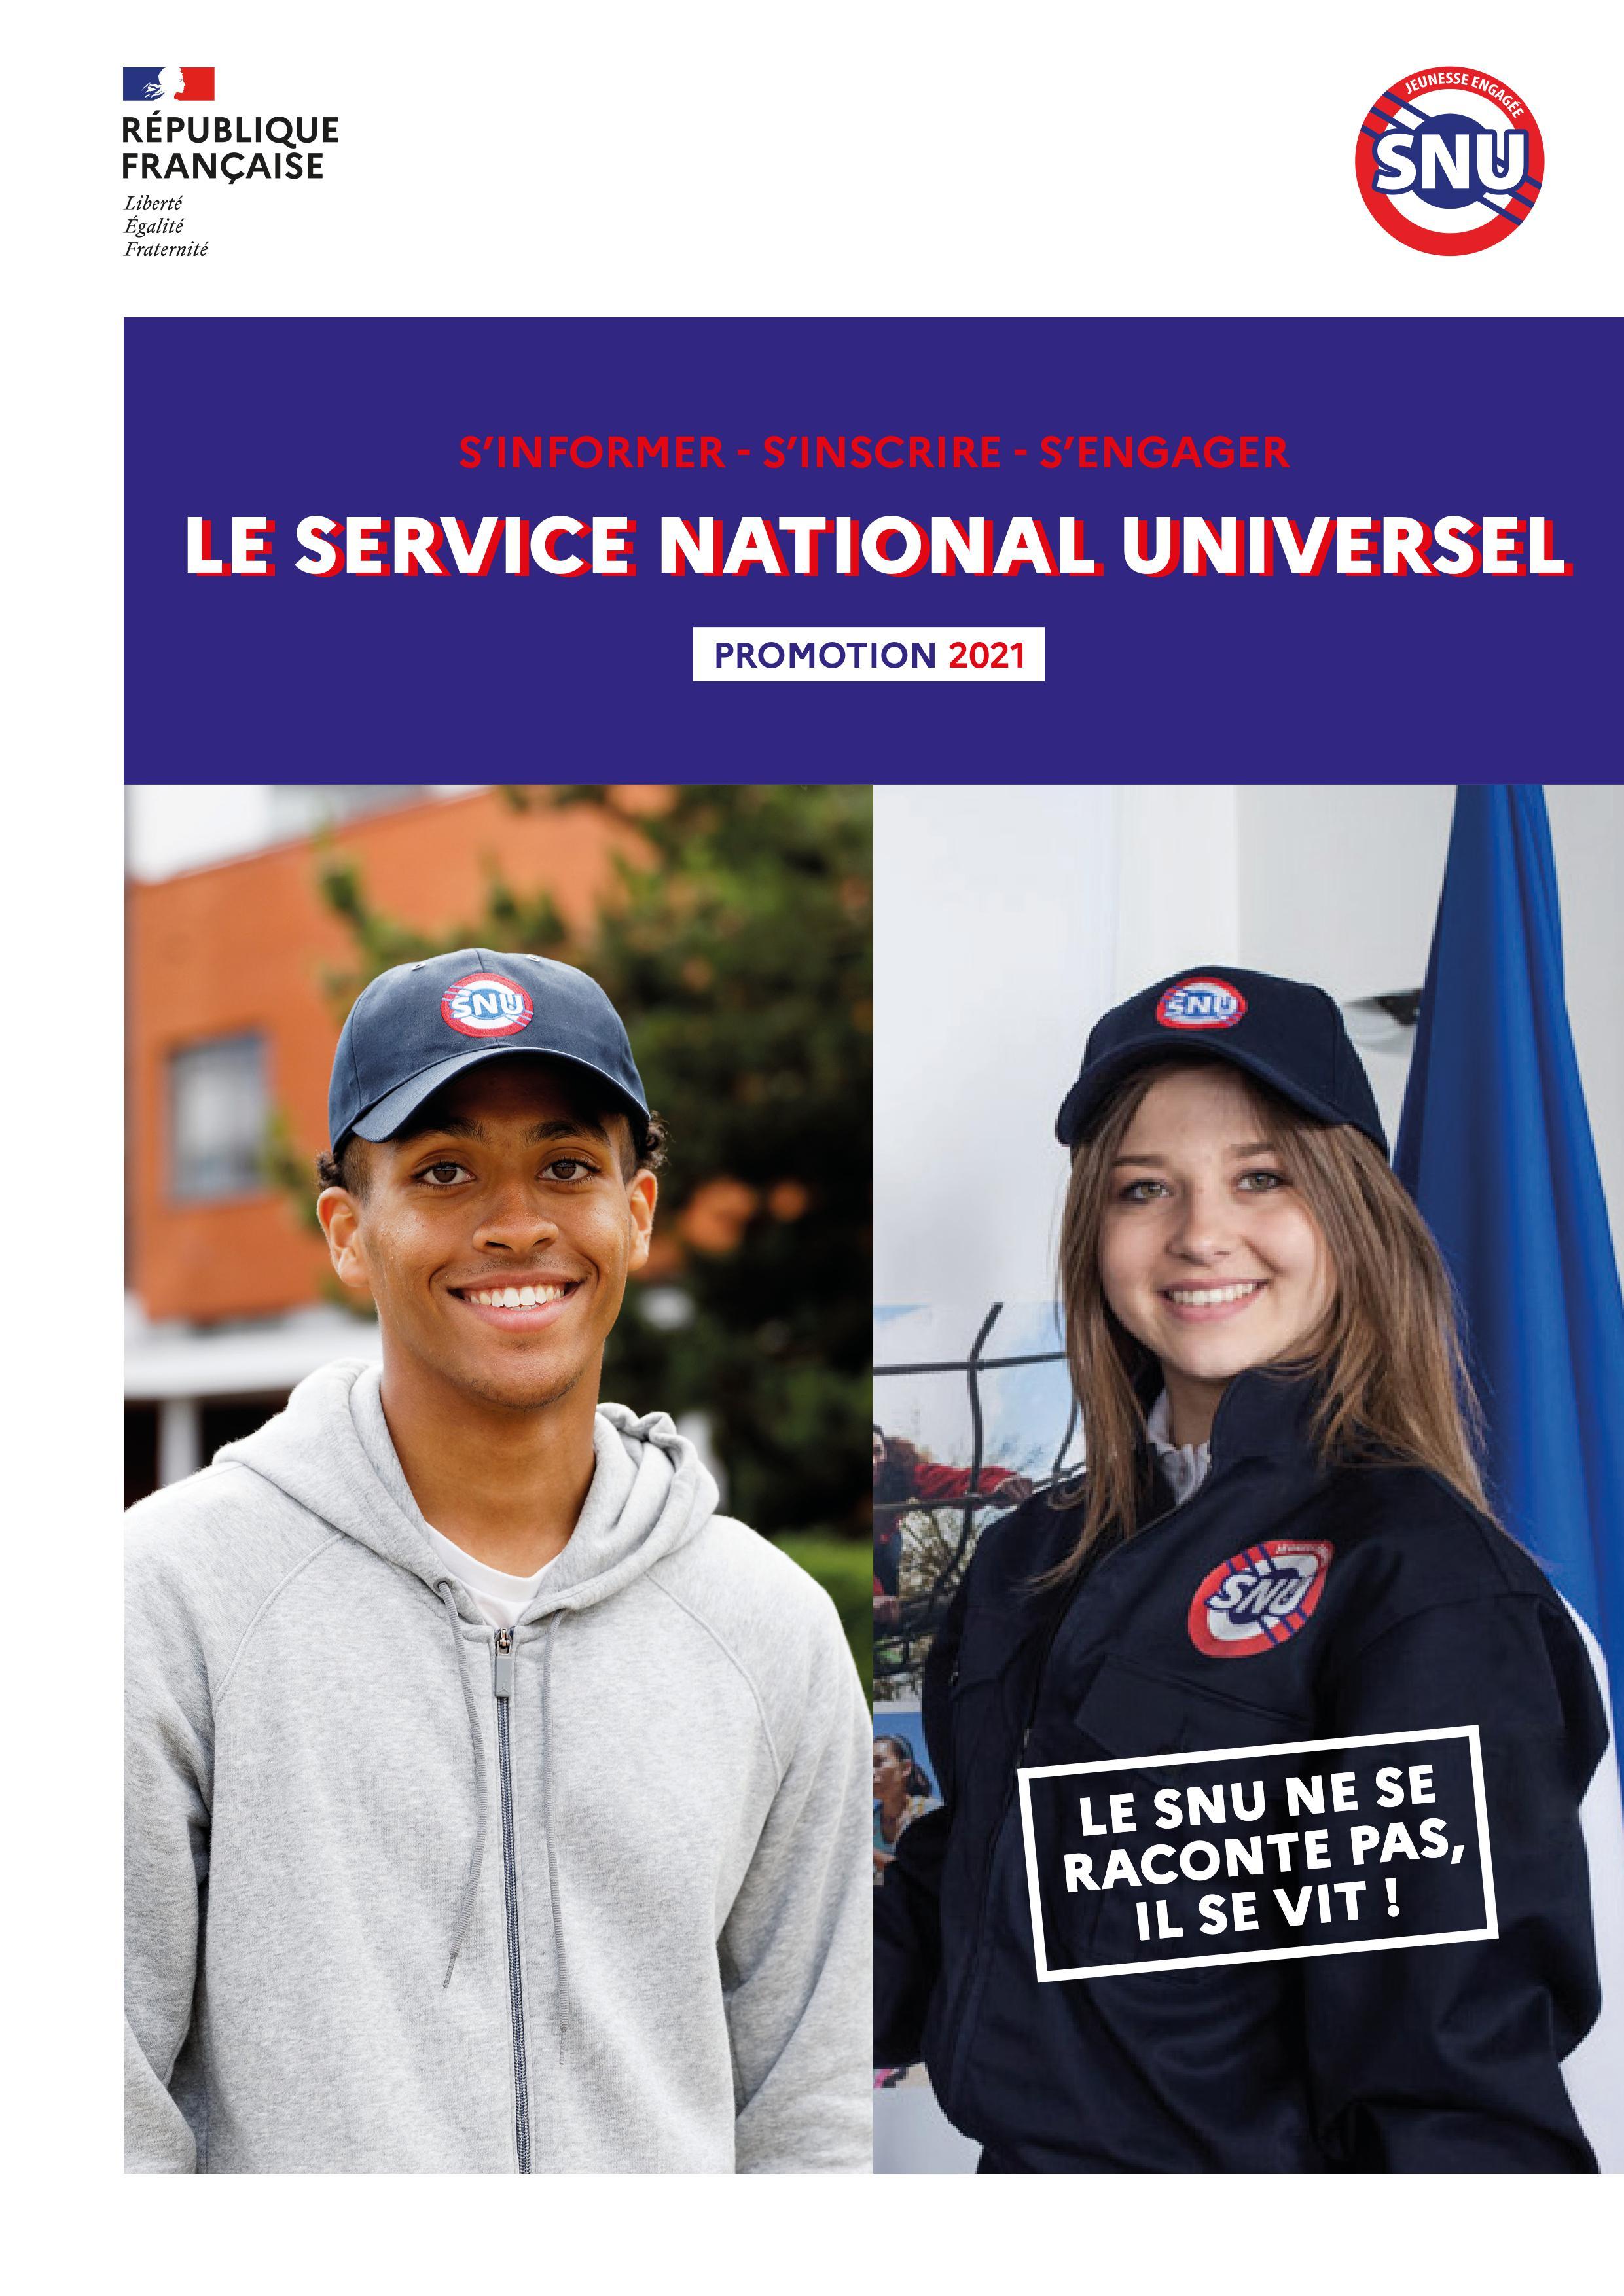 1 le dépliant 2021 de présentation du Service national universel.jpg